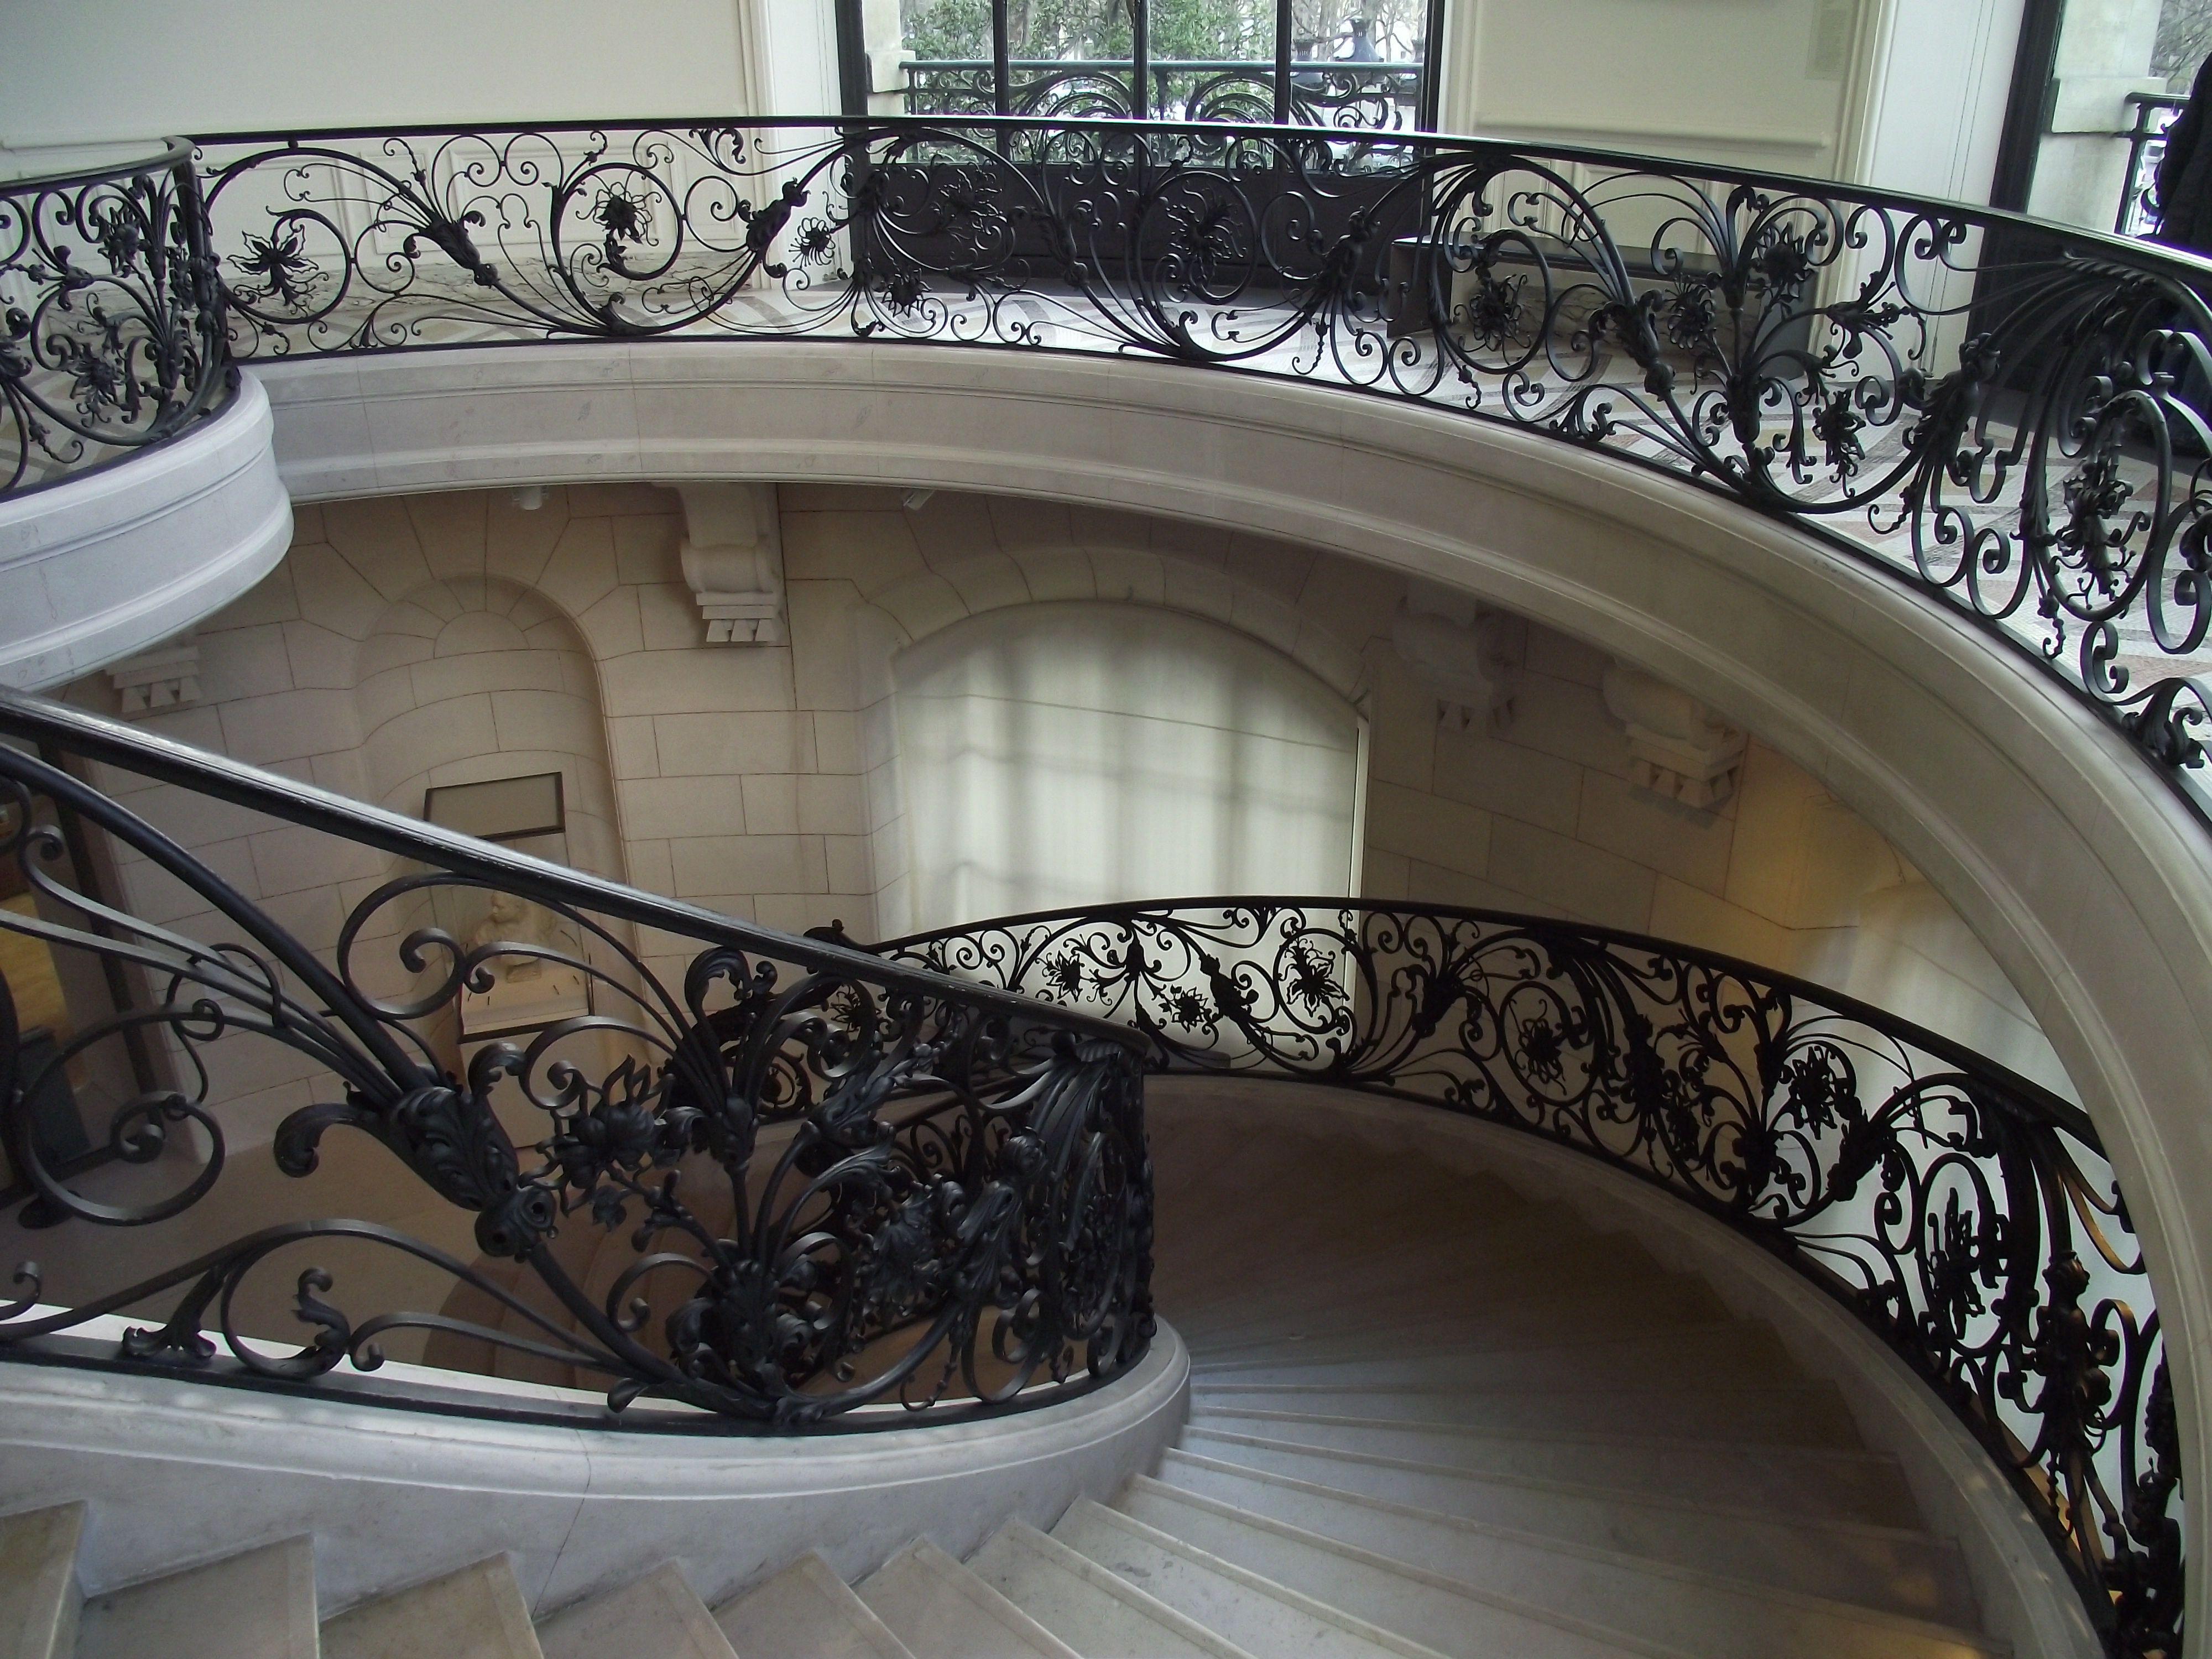 Ferronneries du grand escalier du petit palais dessin es for Architecte grand palais